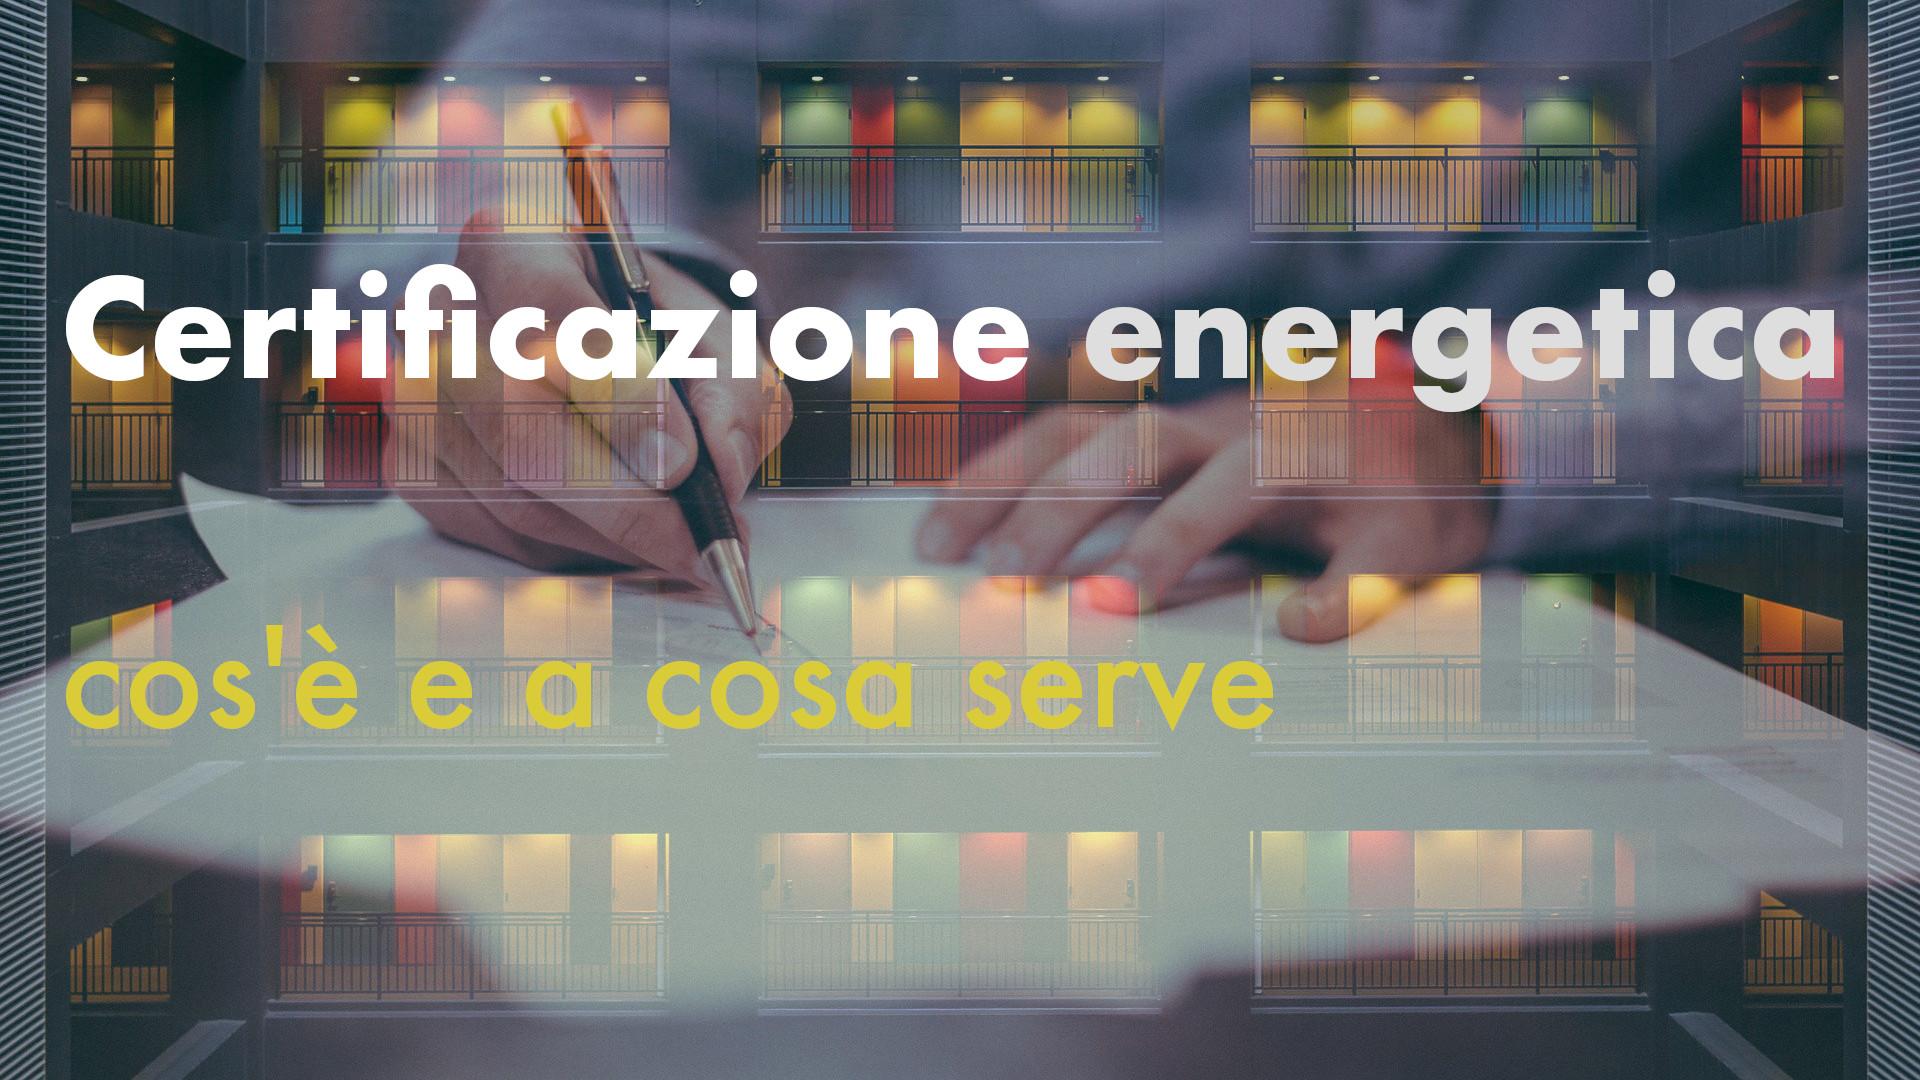 Certificazione energetica: cos'è e a cosa serve